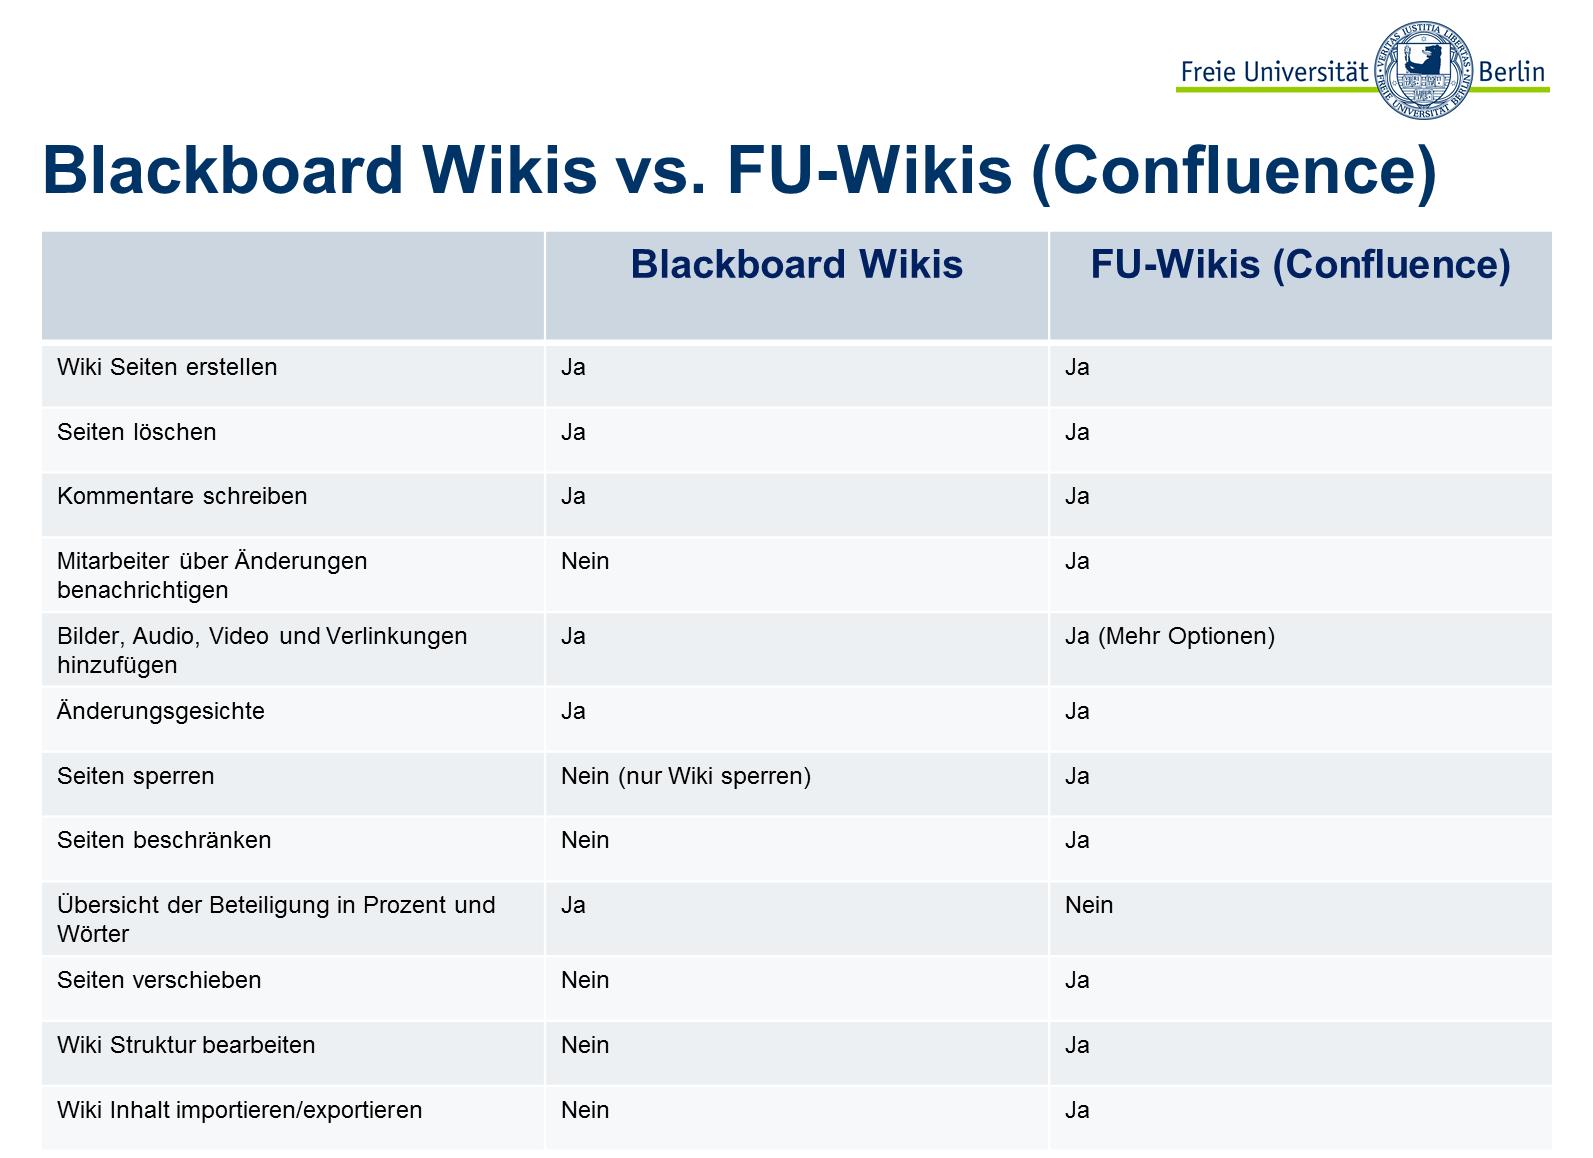 Blackboard Wikis oder FU-Wikis wählen? – Fortbildungen zu ...  Blackboard Wiki...